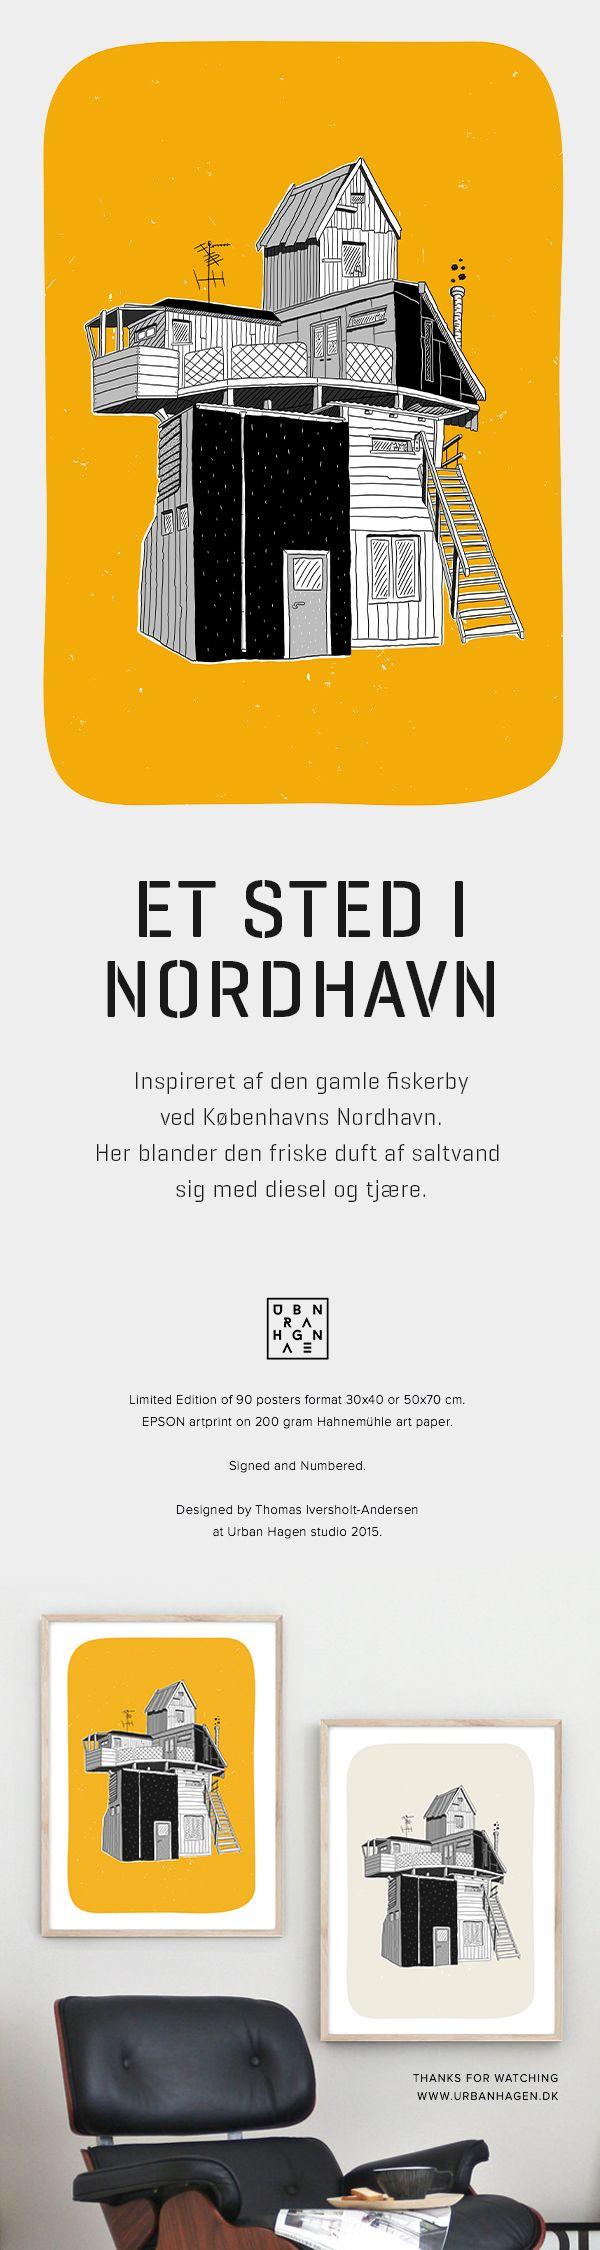 Et sted i Nordhavn plakat i to skønne farver. Inspireret af den gamle fiskerby ved Københavns Nordhavn. Her blander den friske duft af saltvand sig med diesel og tjære Humørikonet smile